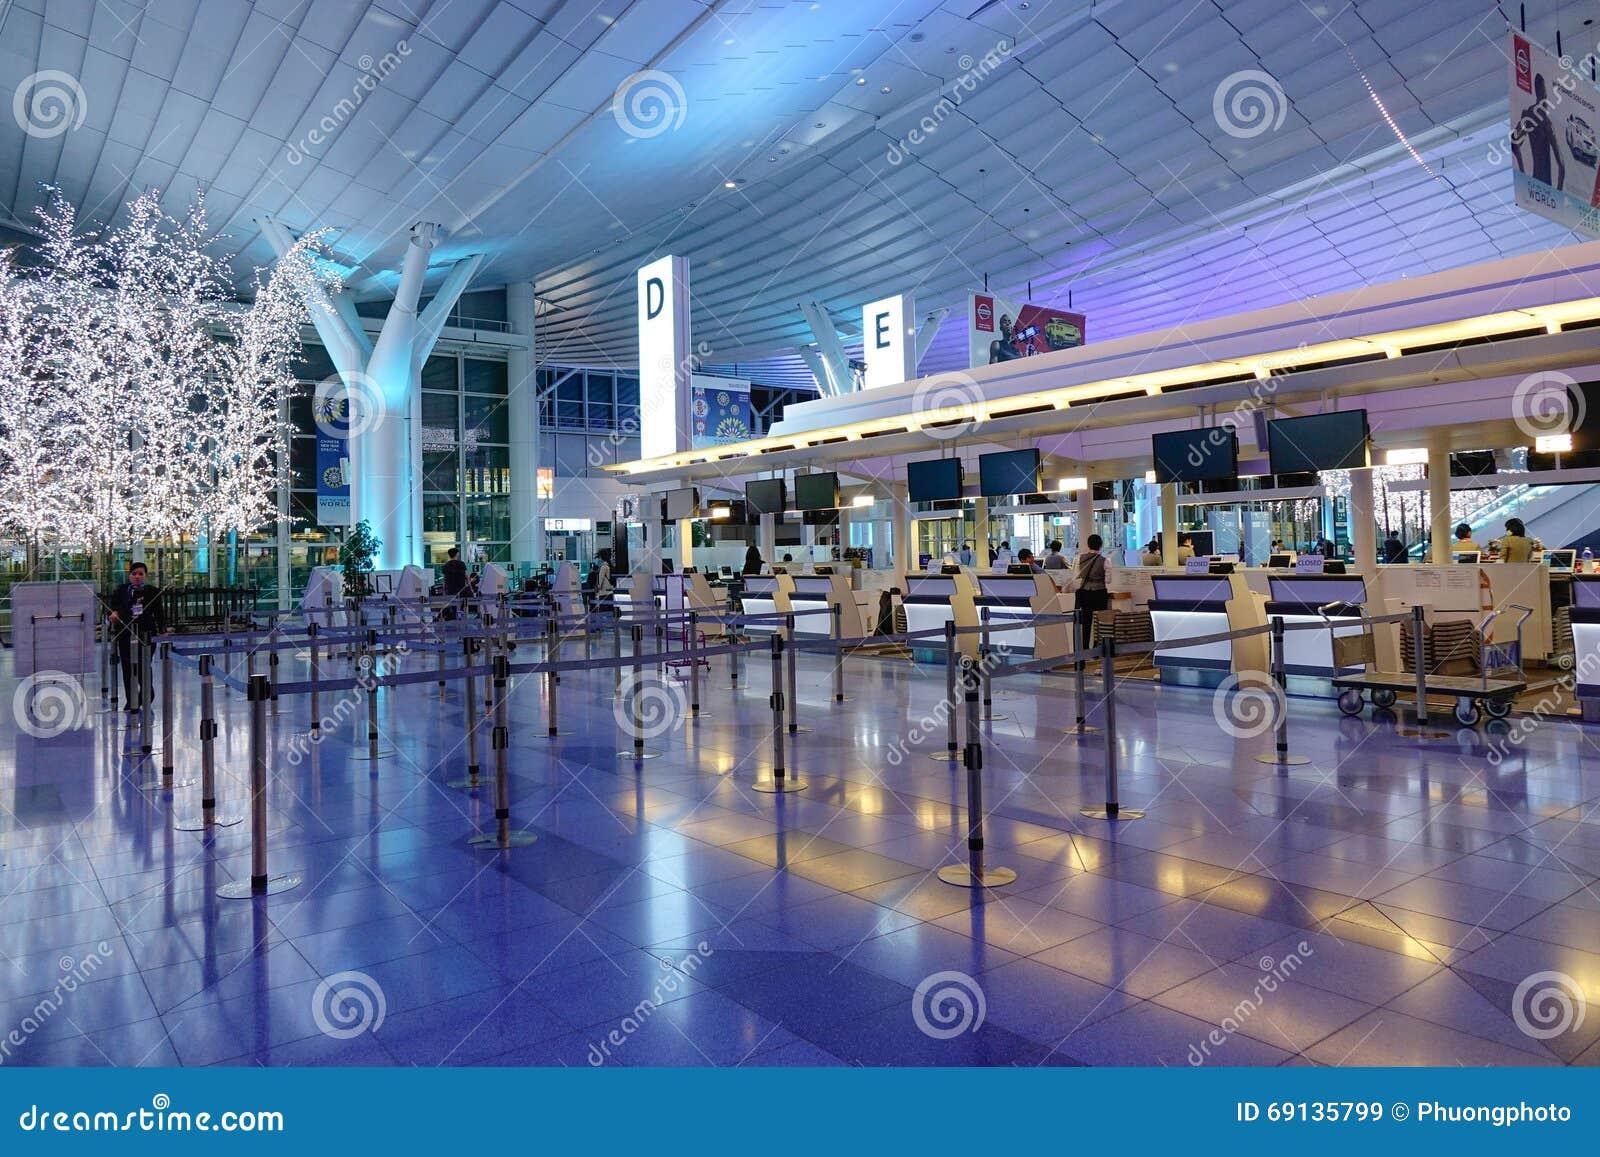 Aeroporto di Haneda, Giappone - aeroporto internazionale di Tokyo